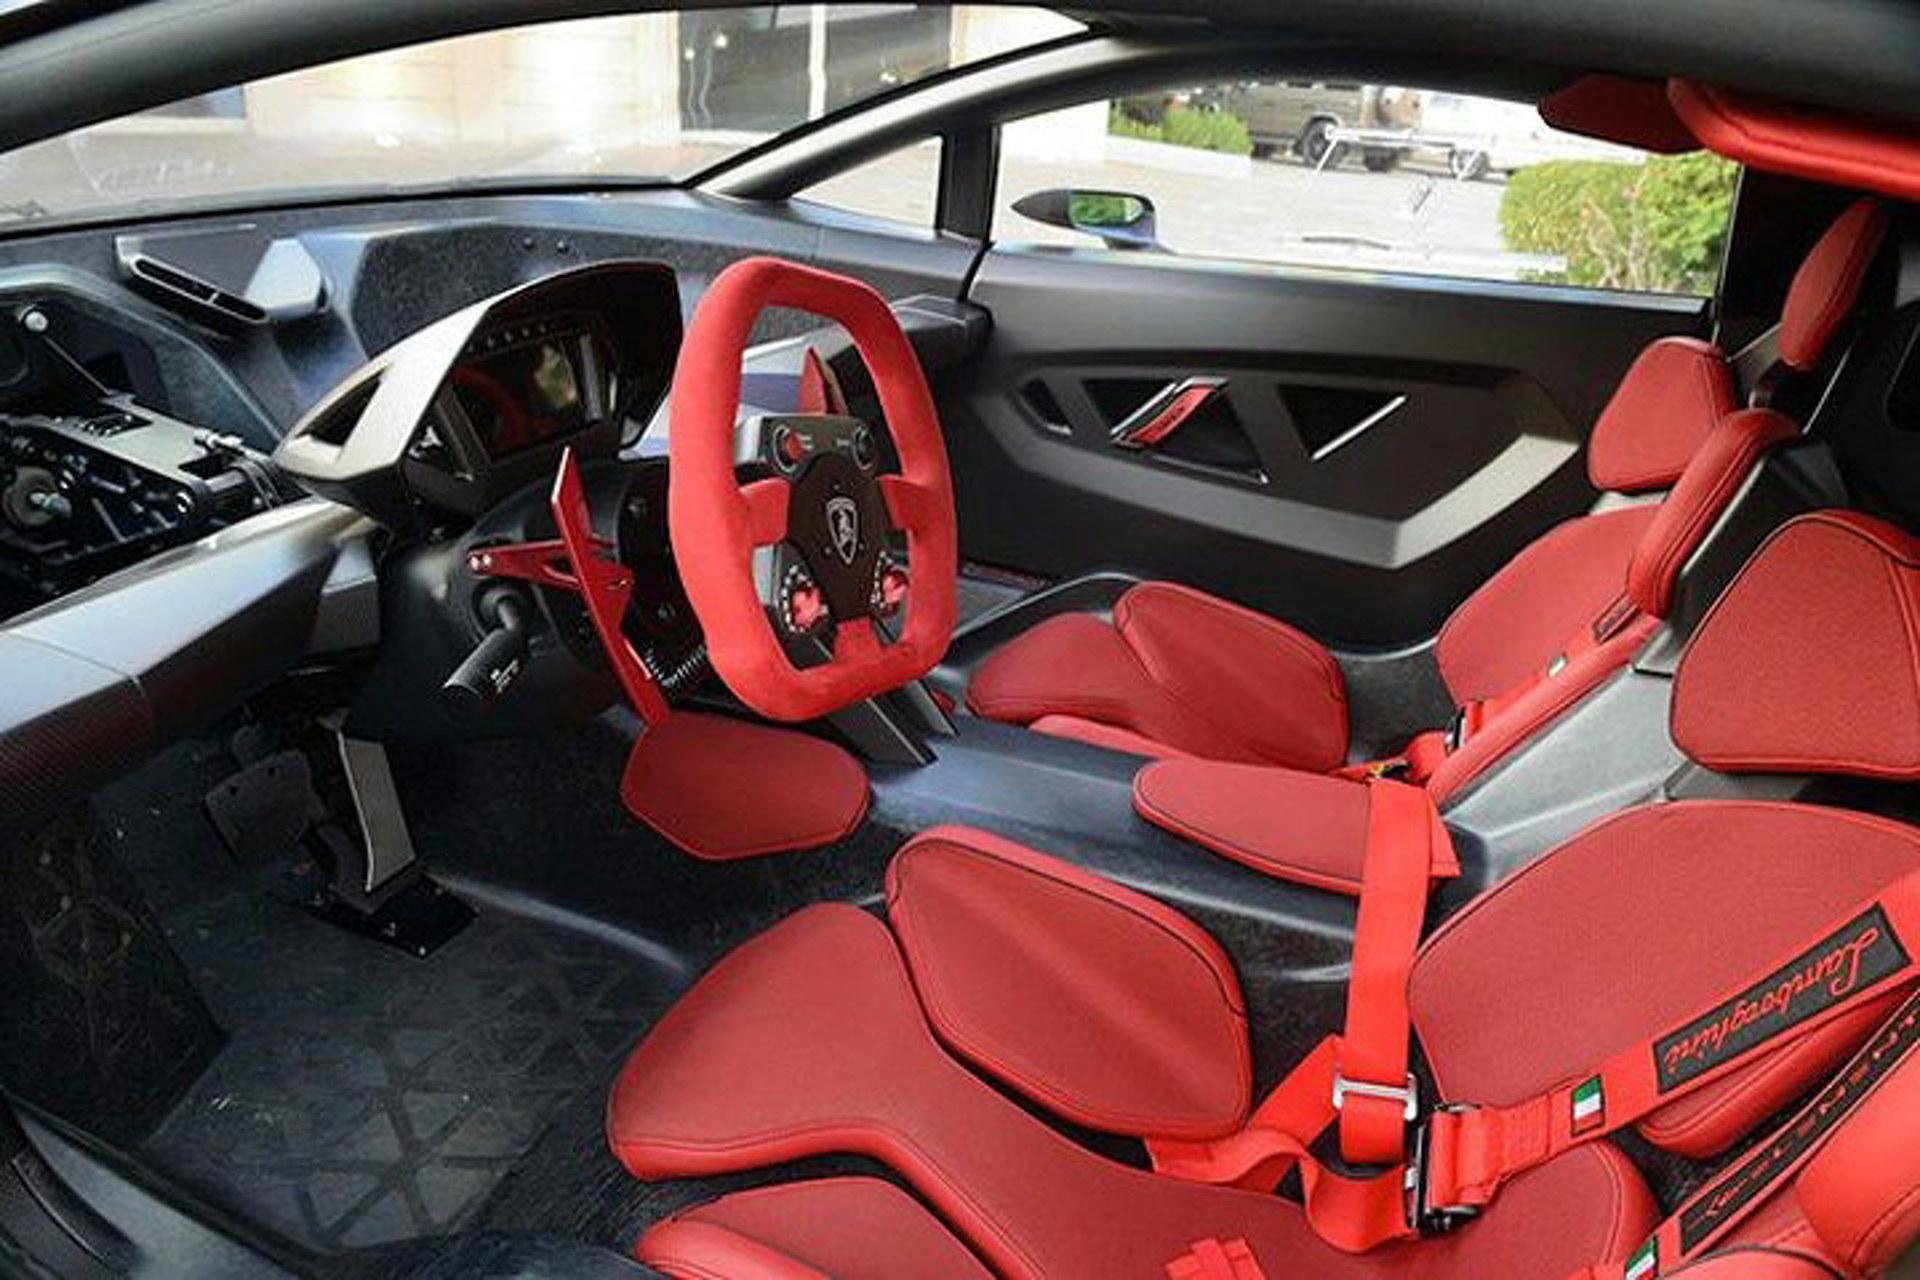 $3.3 Million Buys You a Super Rare Lamborghini Sesto Elemento